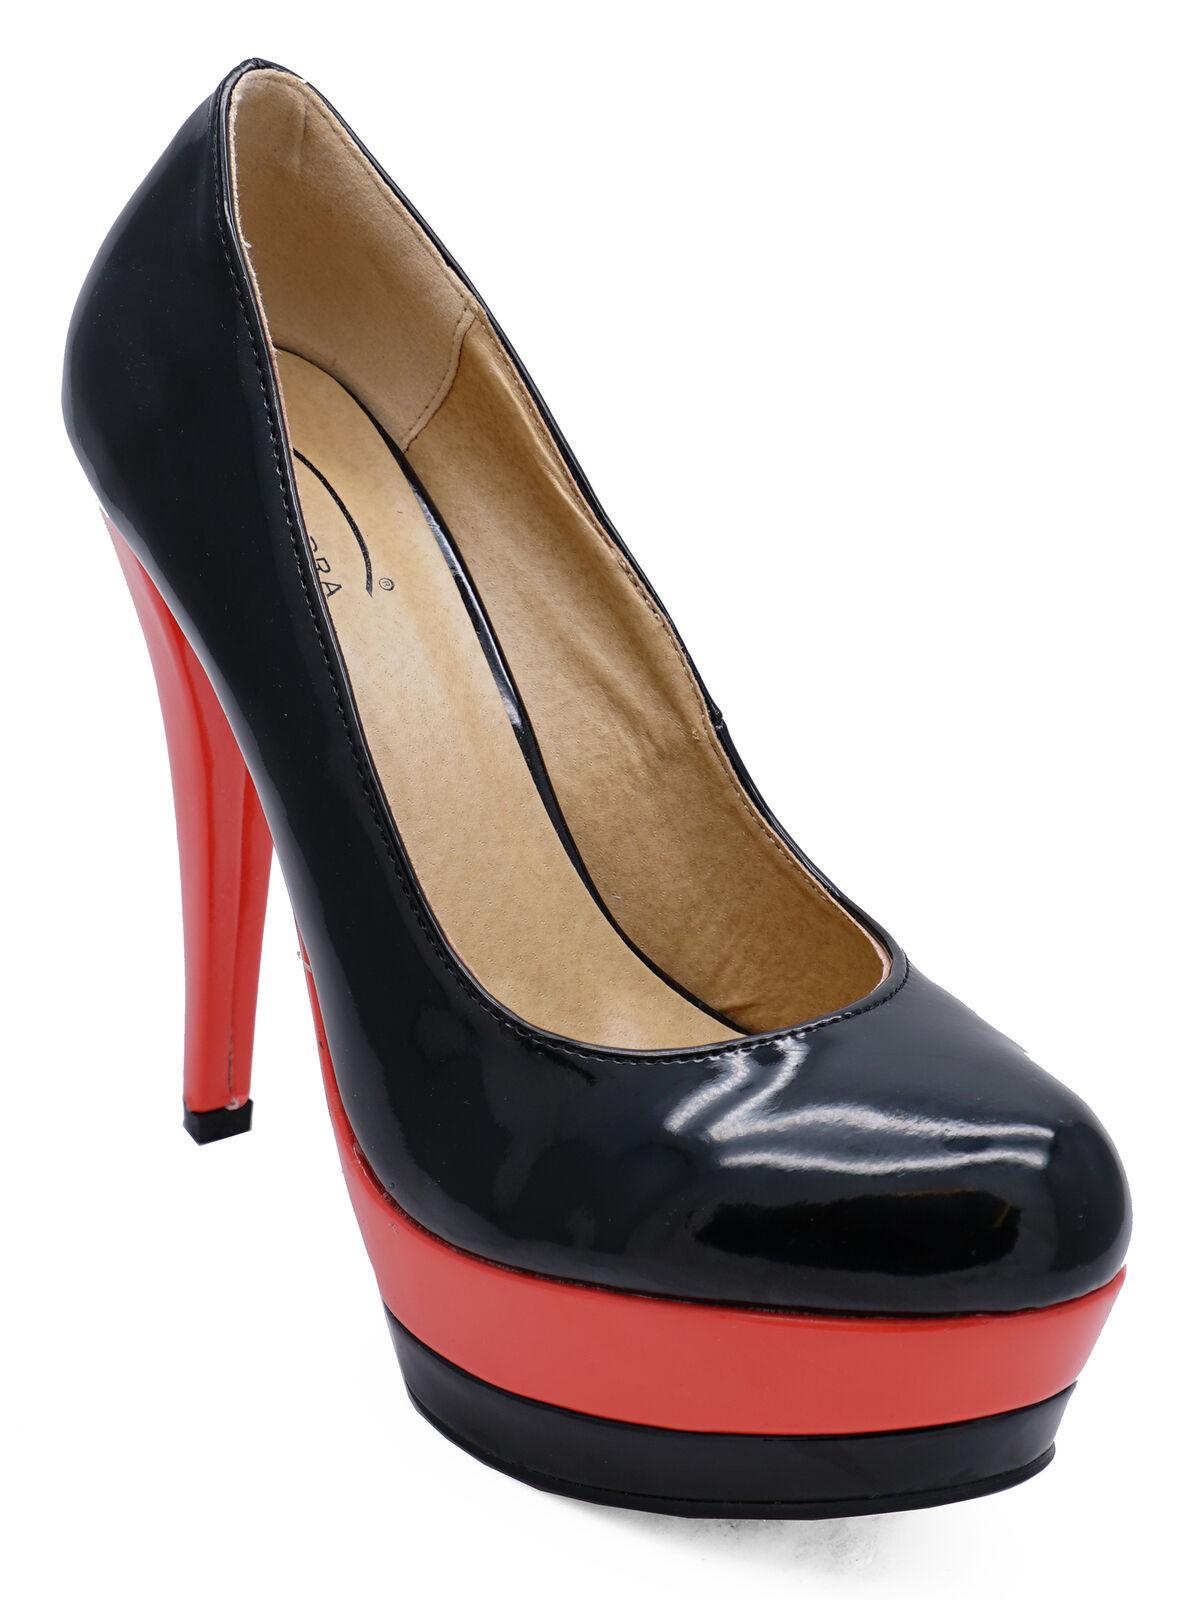 LADIES BLACK CORAL PLATFORM STILETTO HIGH-HEEL SLIP-ON COURT EVENING SHOES 3-8